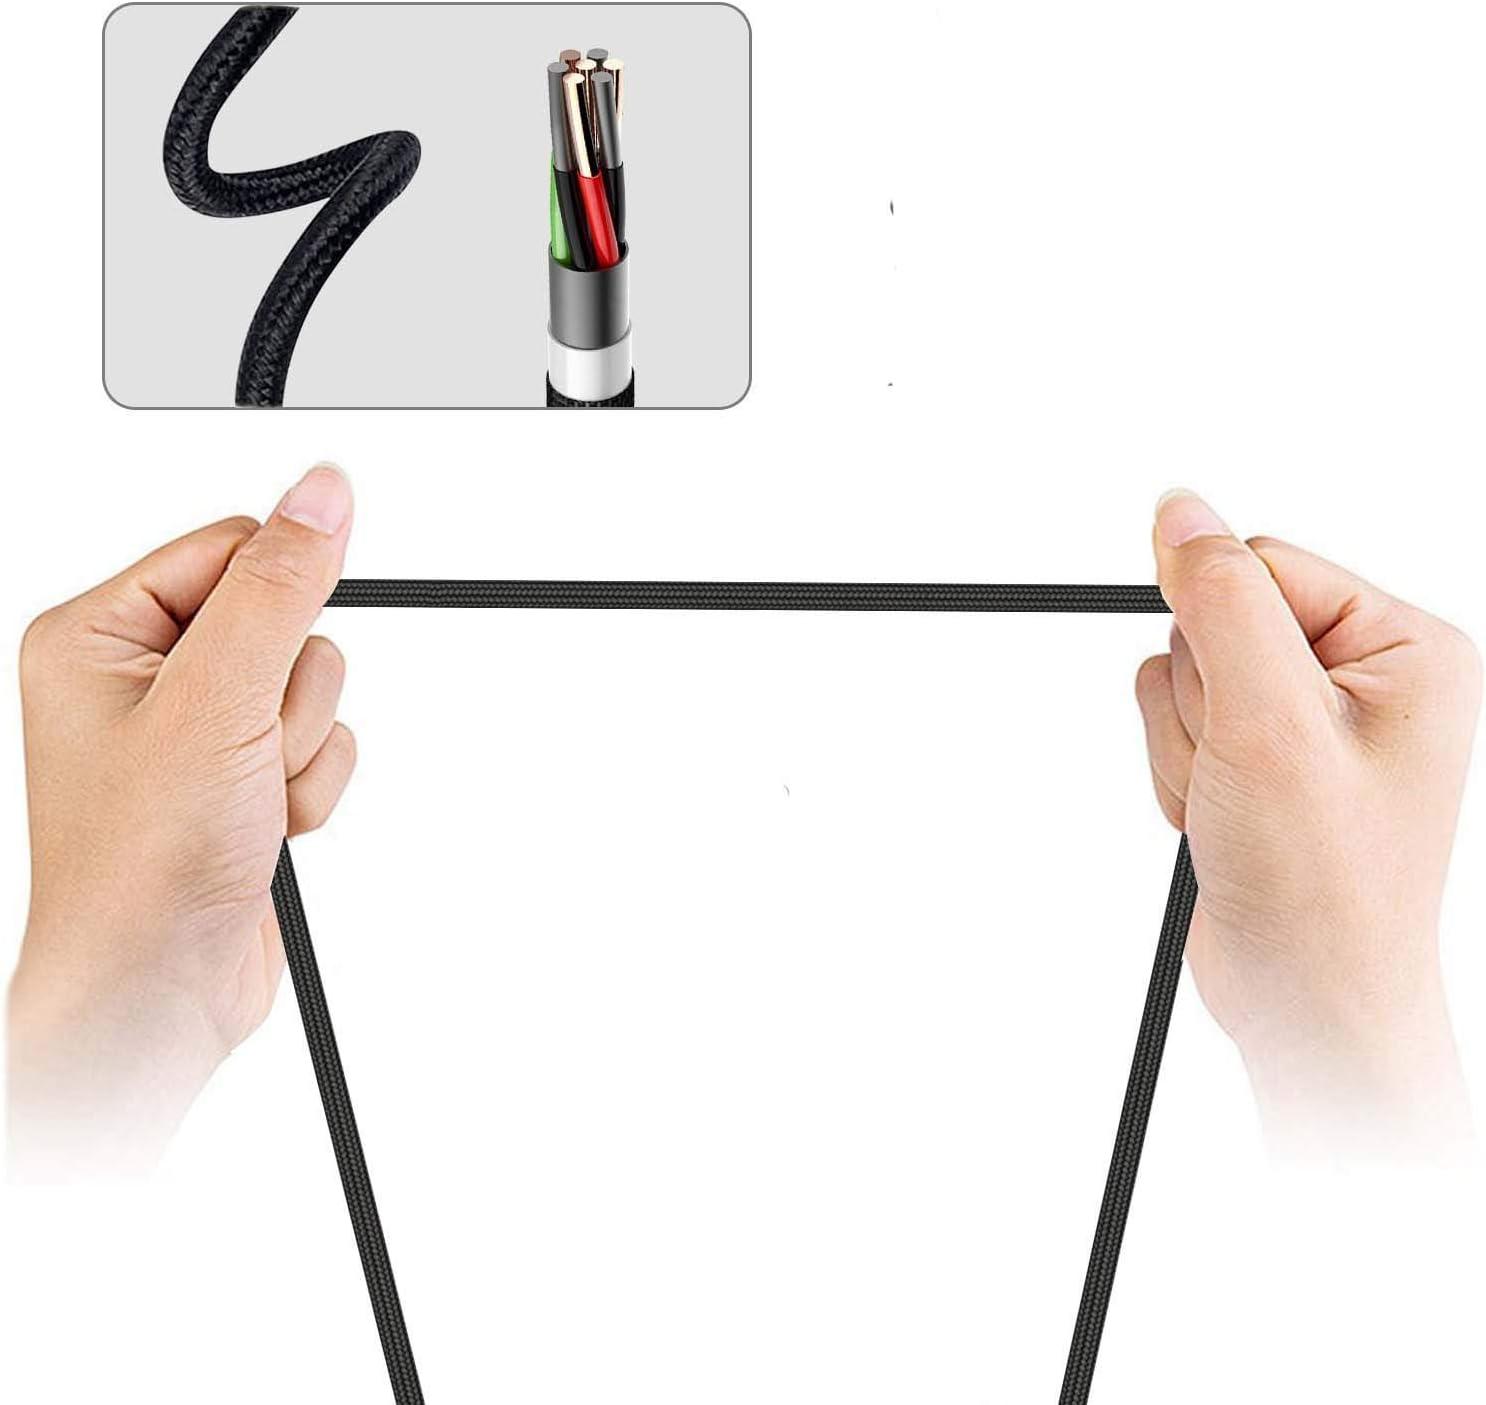 Amazon.com: eekiimy 2 paquetes 3 en 1 llavero cargador Cable ...